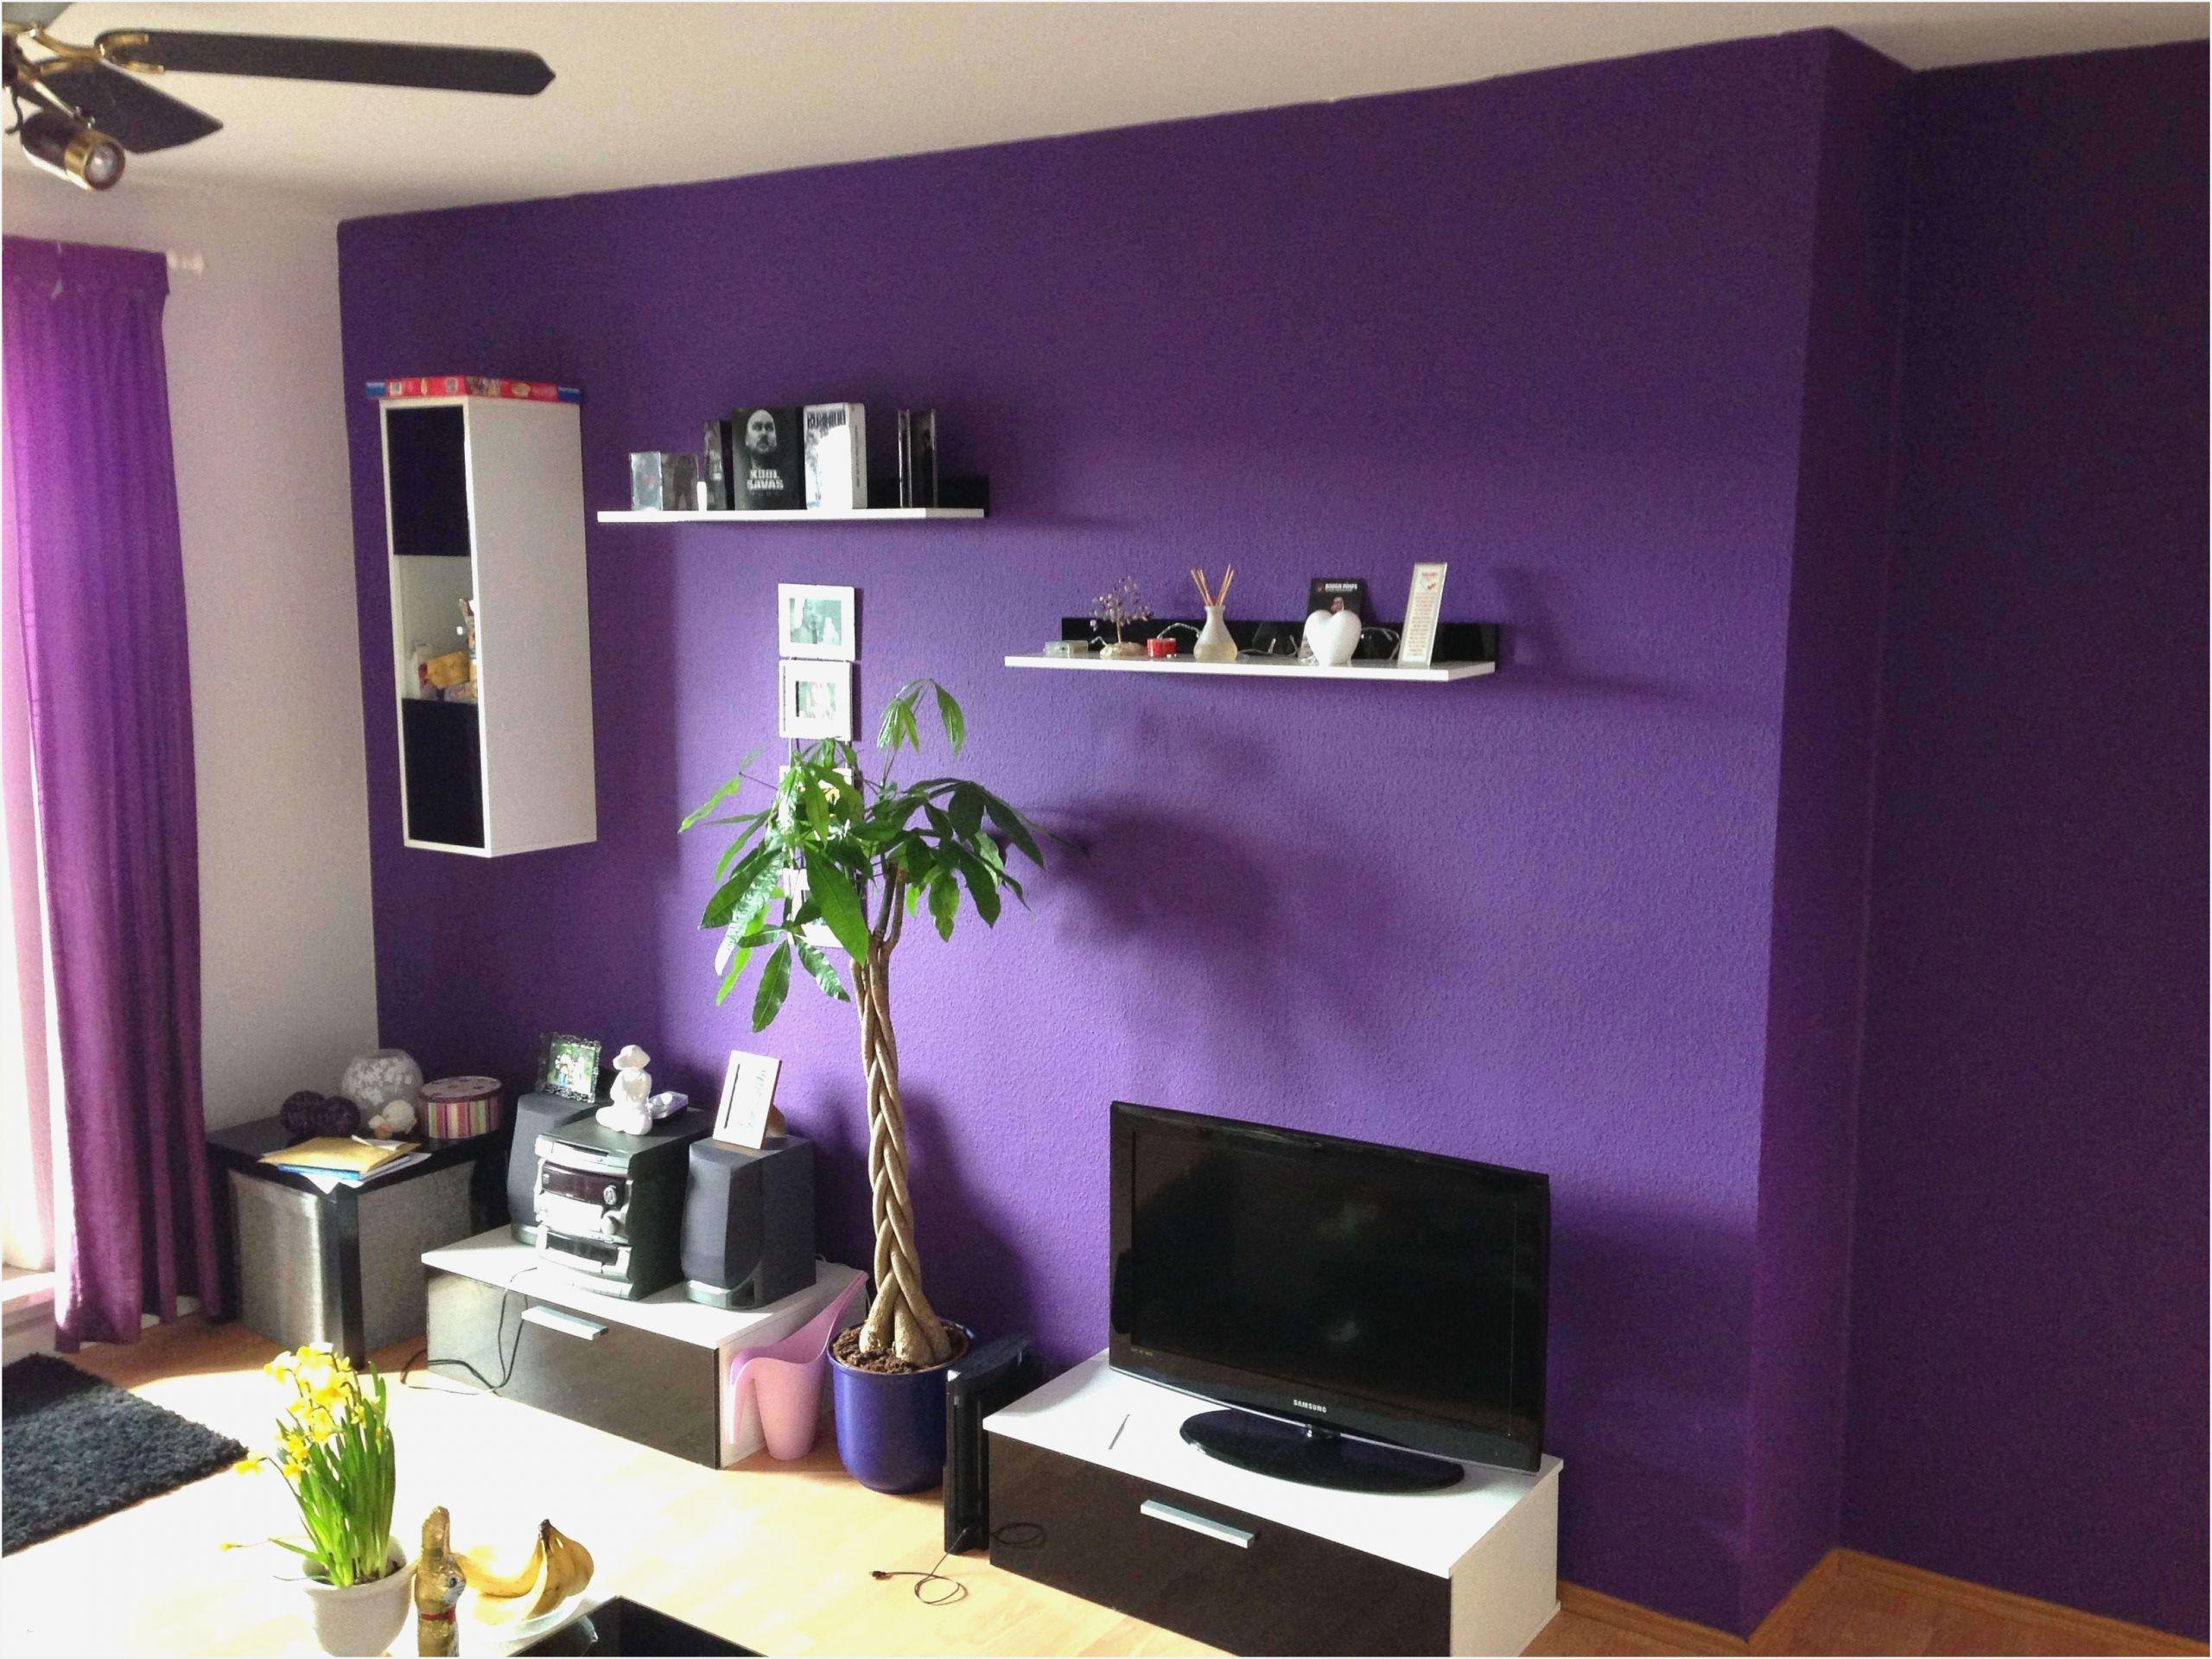 Küche Lila Streichen in 8  Deko ideen schlafzimmer